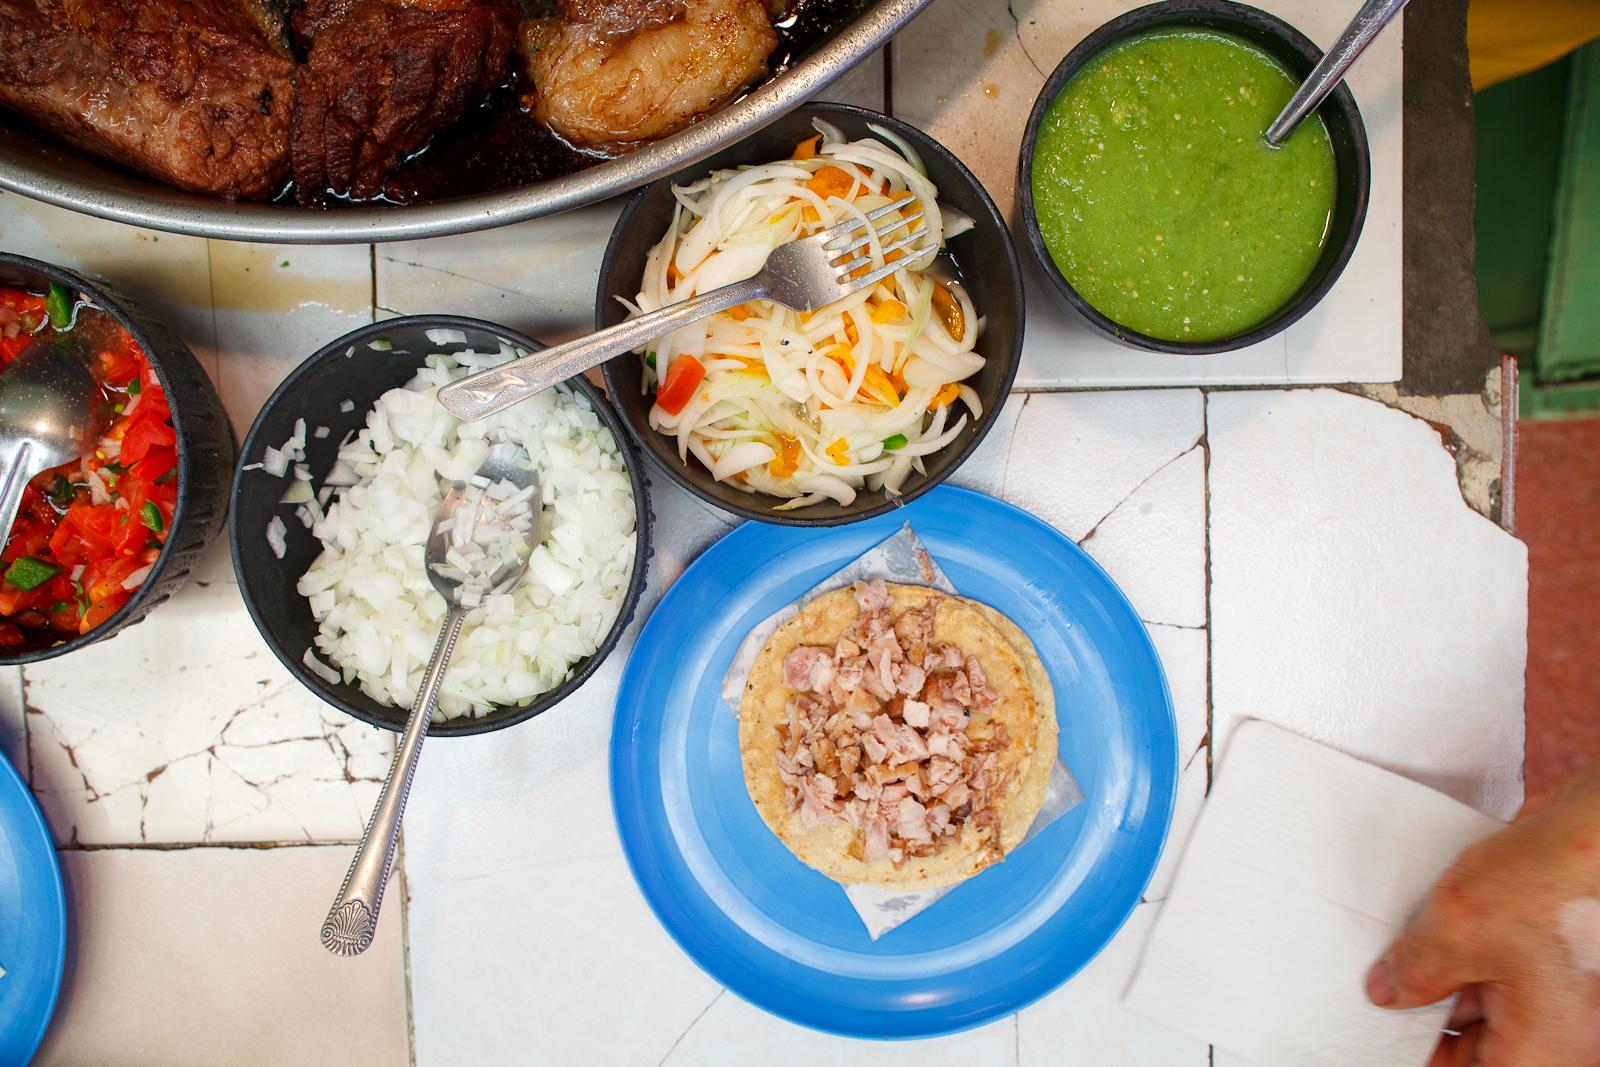 Taco de carnitas (pork) with salsa verde, habanero, onion, and pico de gallo